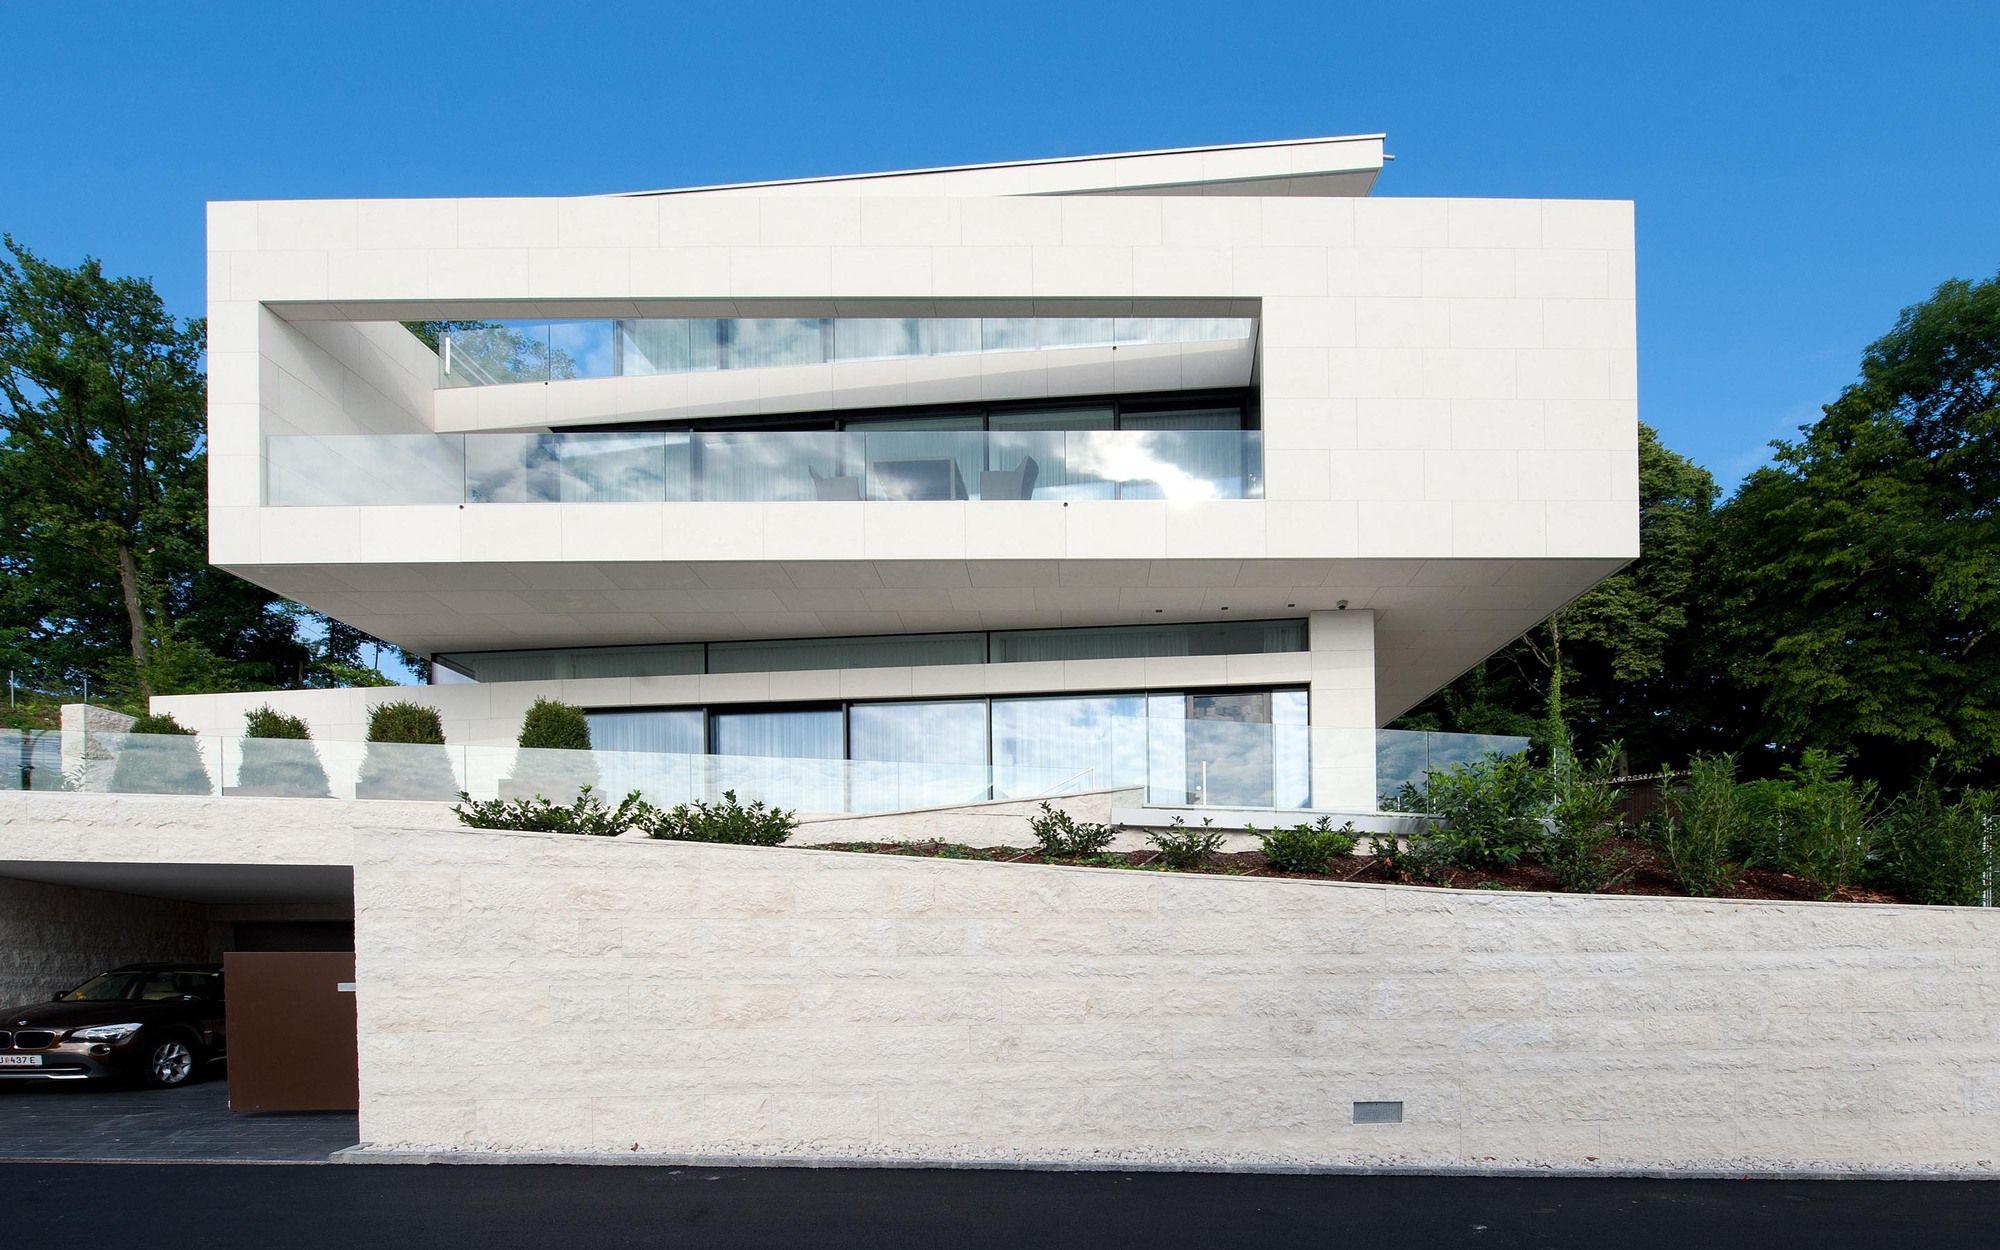 51926223b3fc4b8df0000063_villa-upper-austria-two-in-a-box-architekten_villa_upper_austria_-_01_-_two_in_a_box_-_architekten